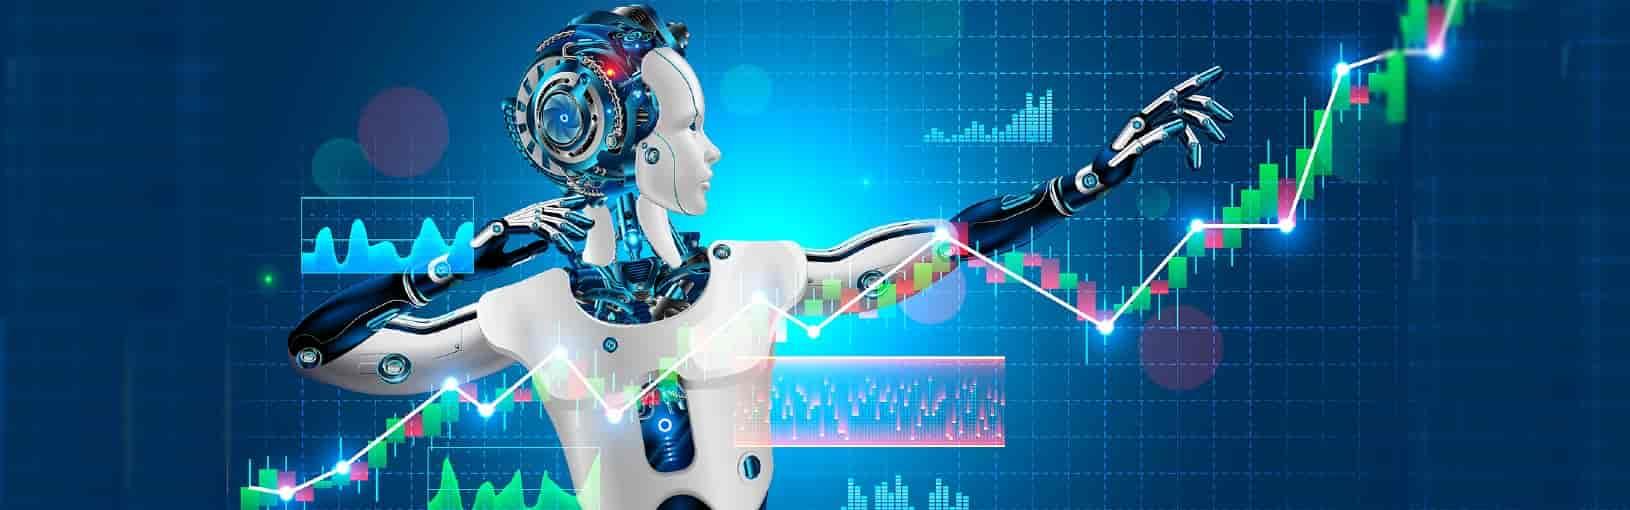 robot trading bitcoin